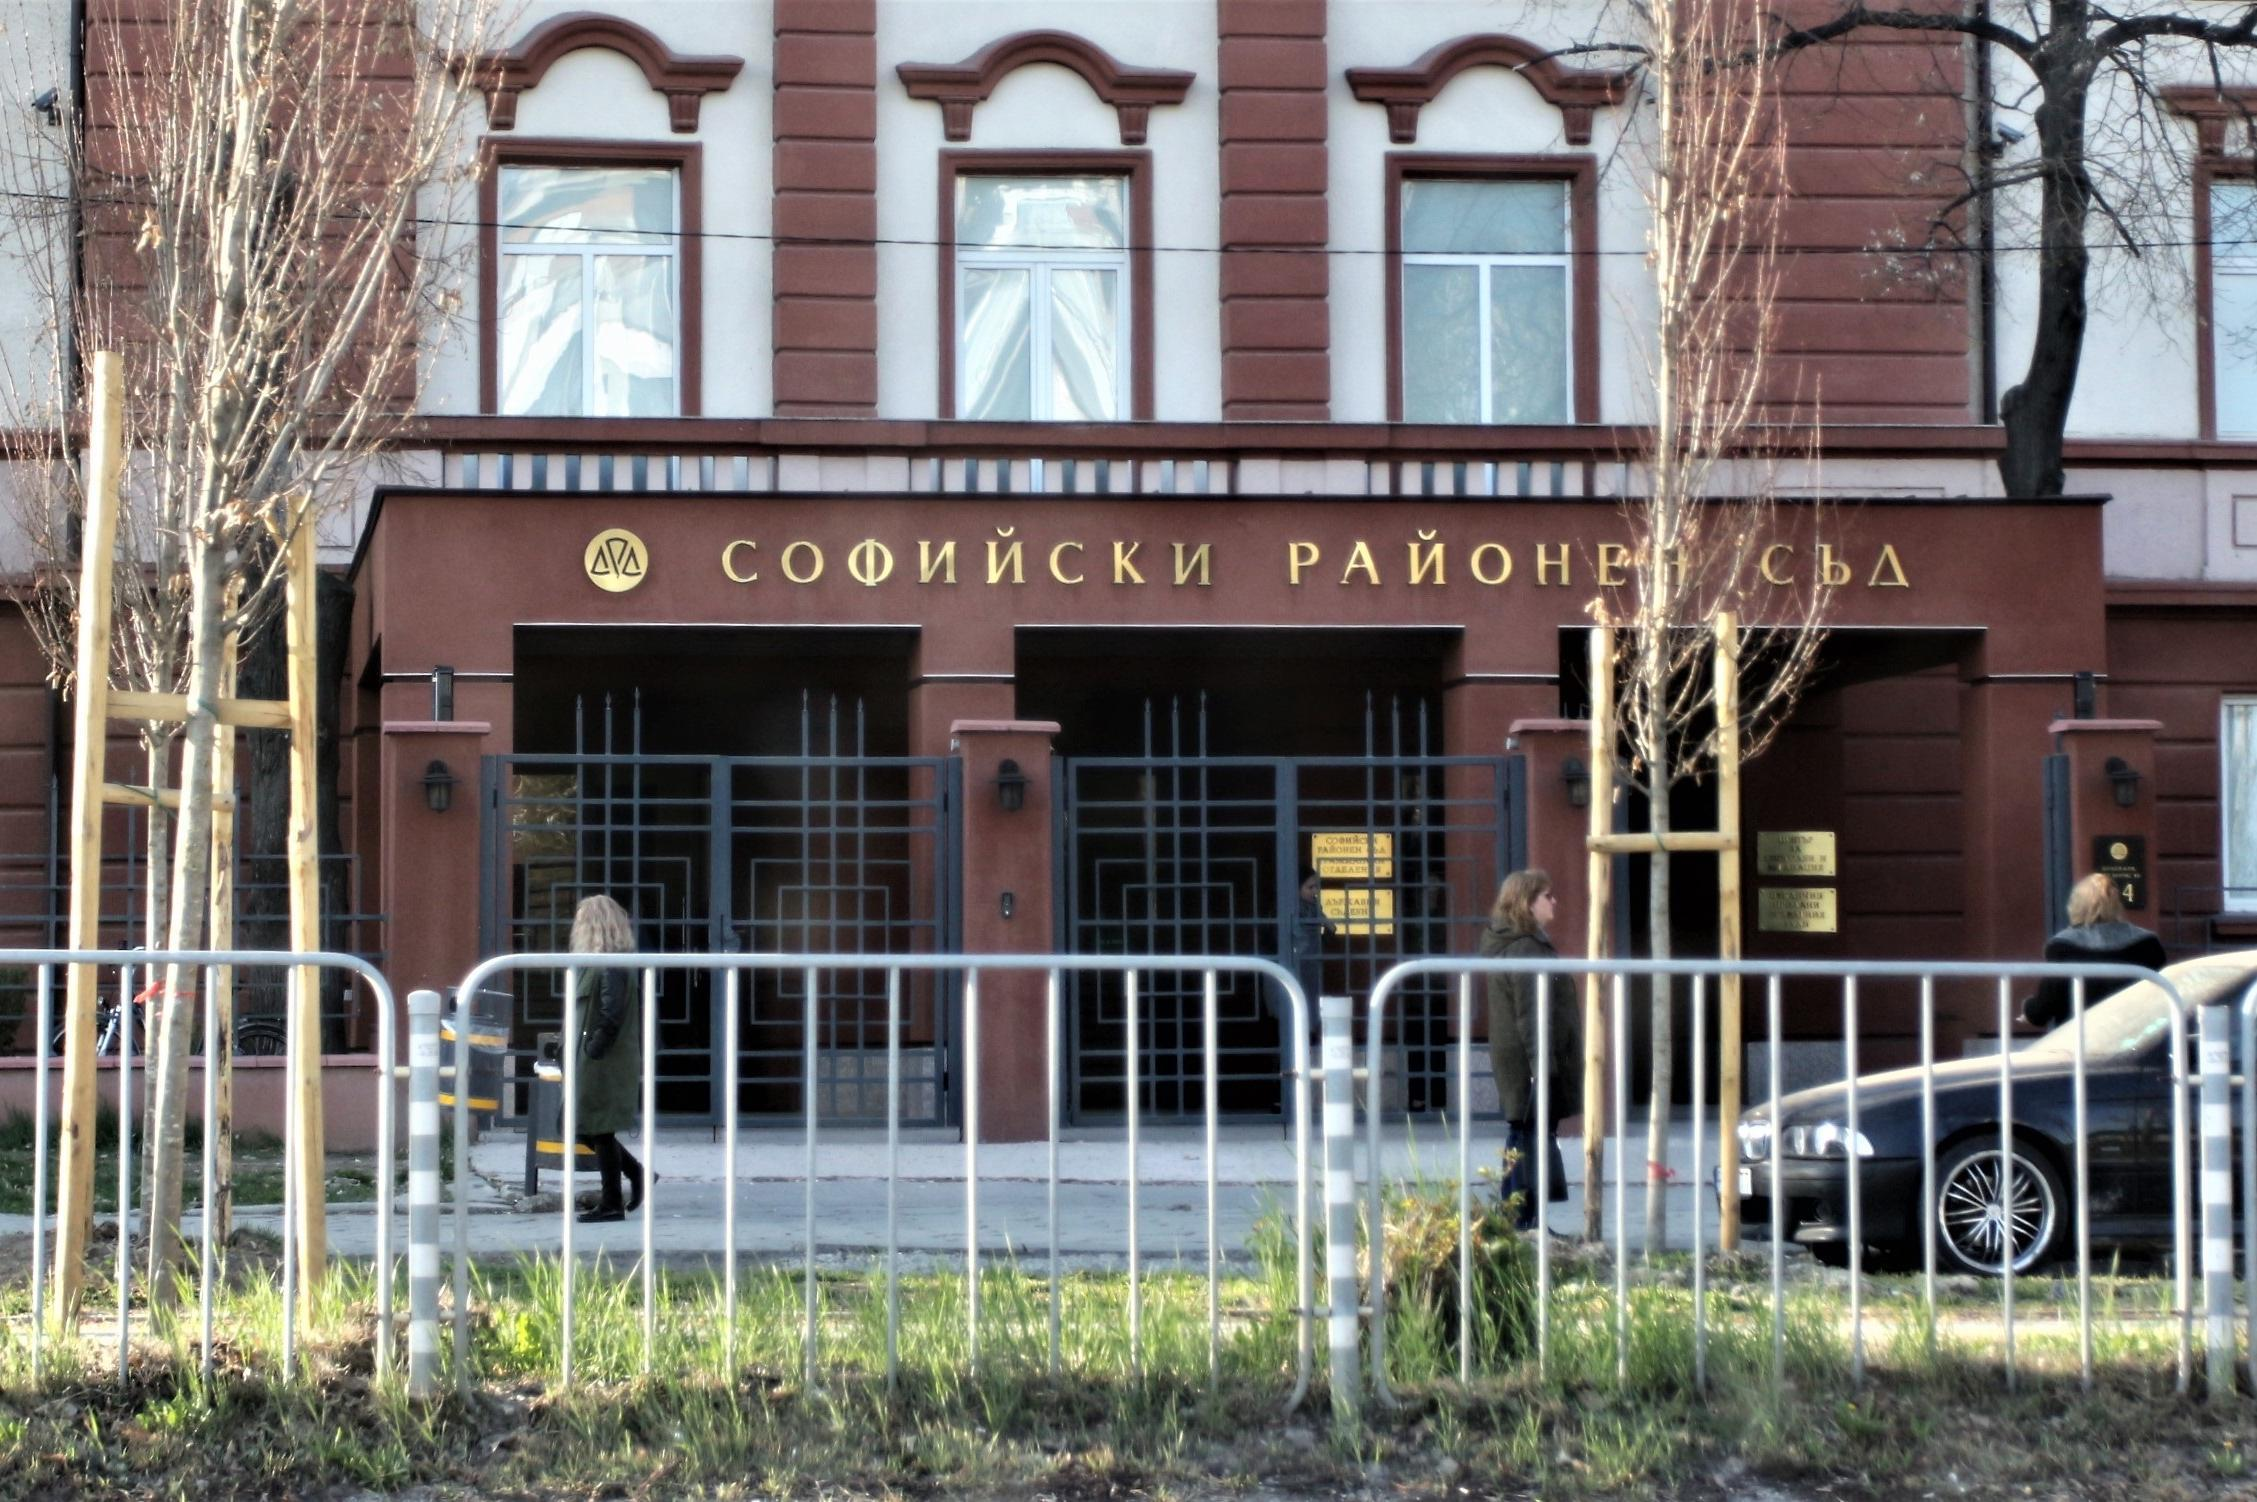 Софийска районна прокуратура предаде на съд мъж шофирал след употреба на на